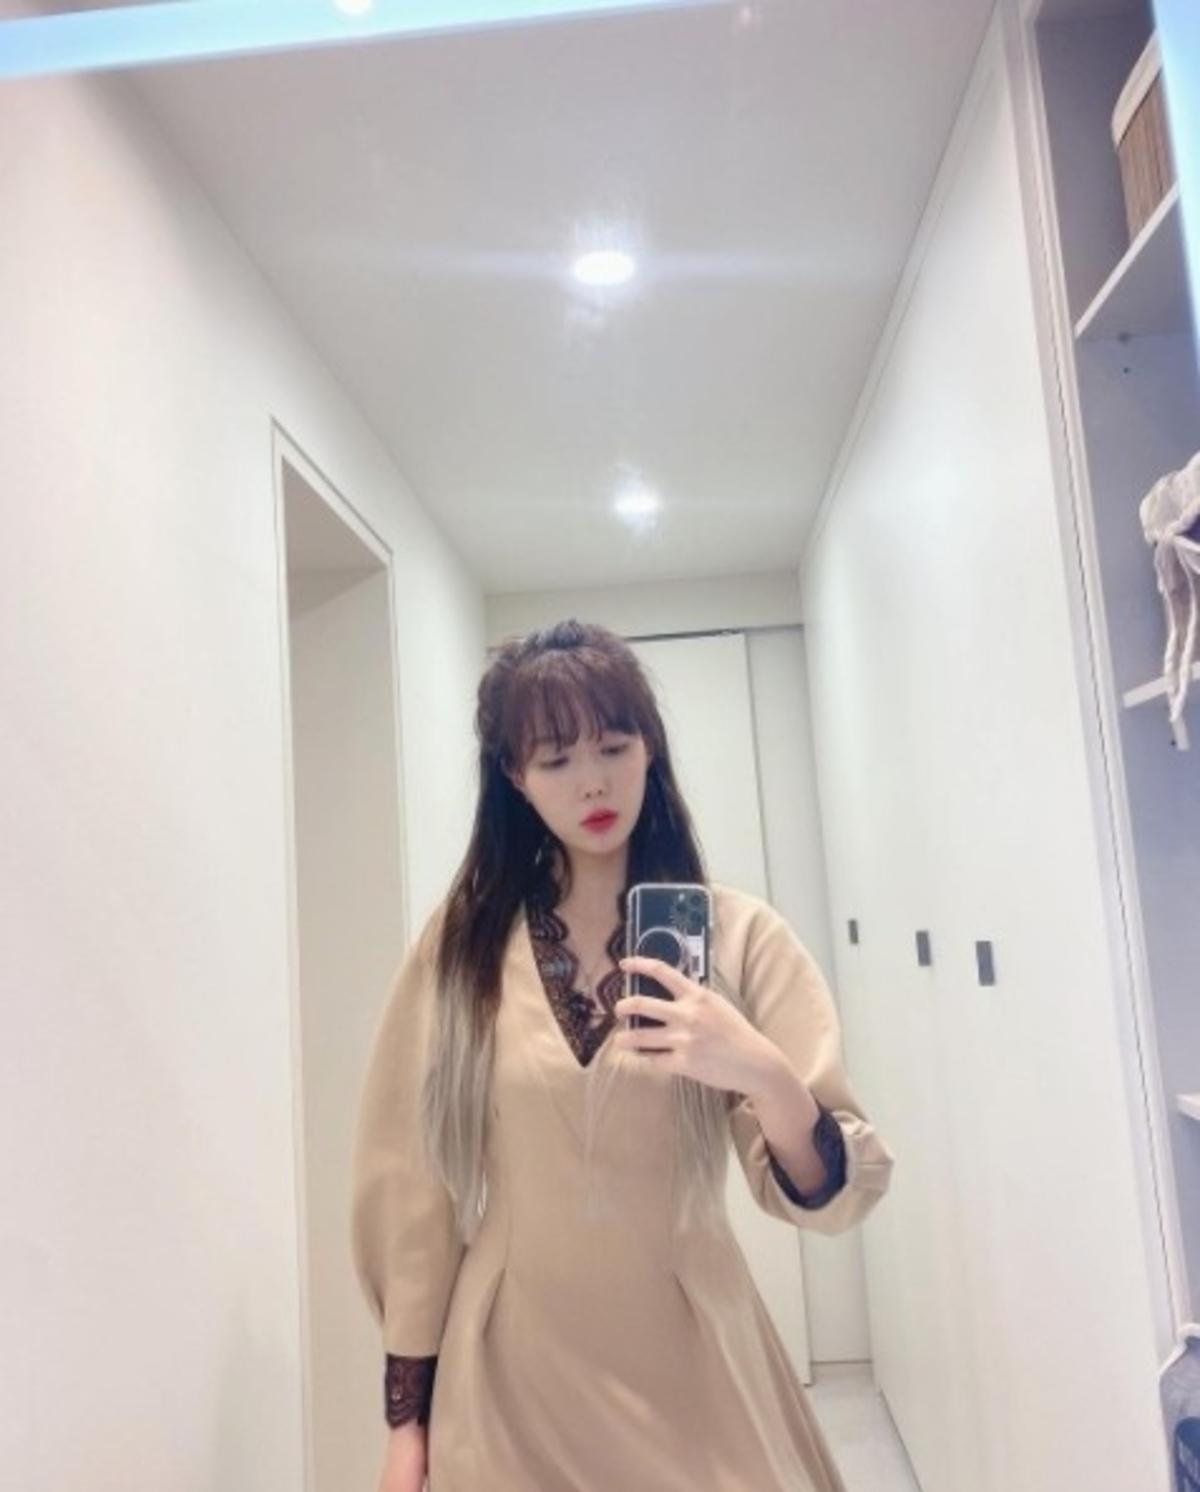 林秀香简直就是爱豆?美丽的连衣裙造型让人赞不绝口